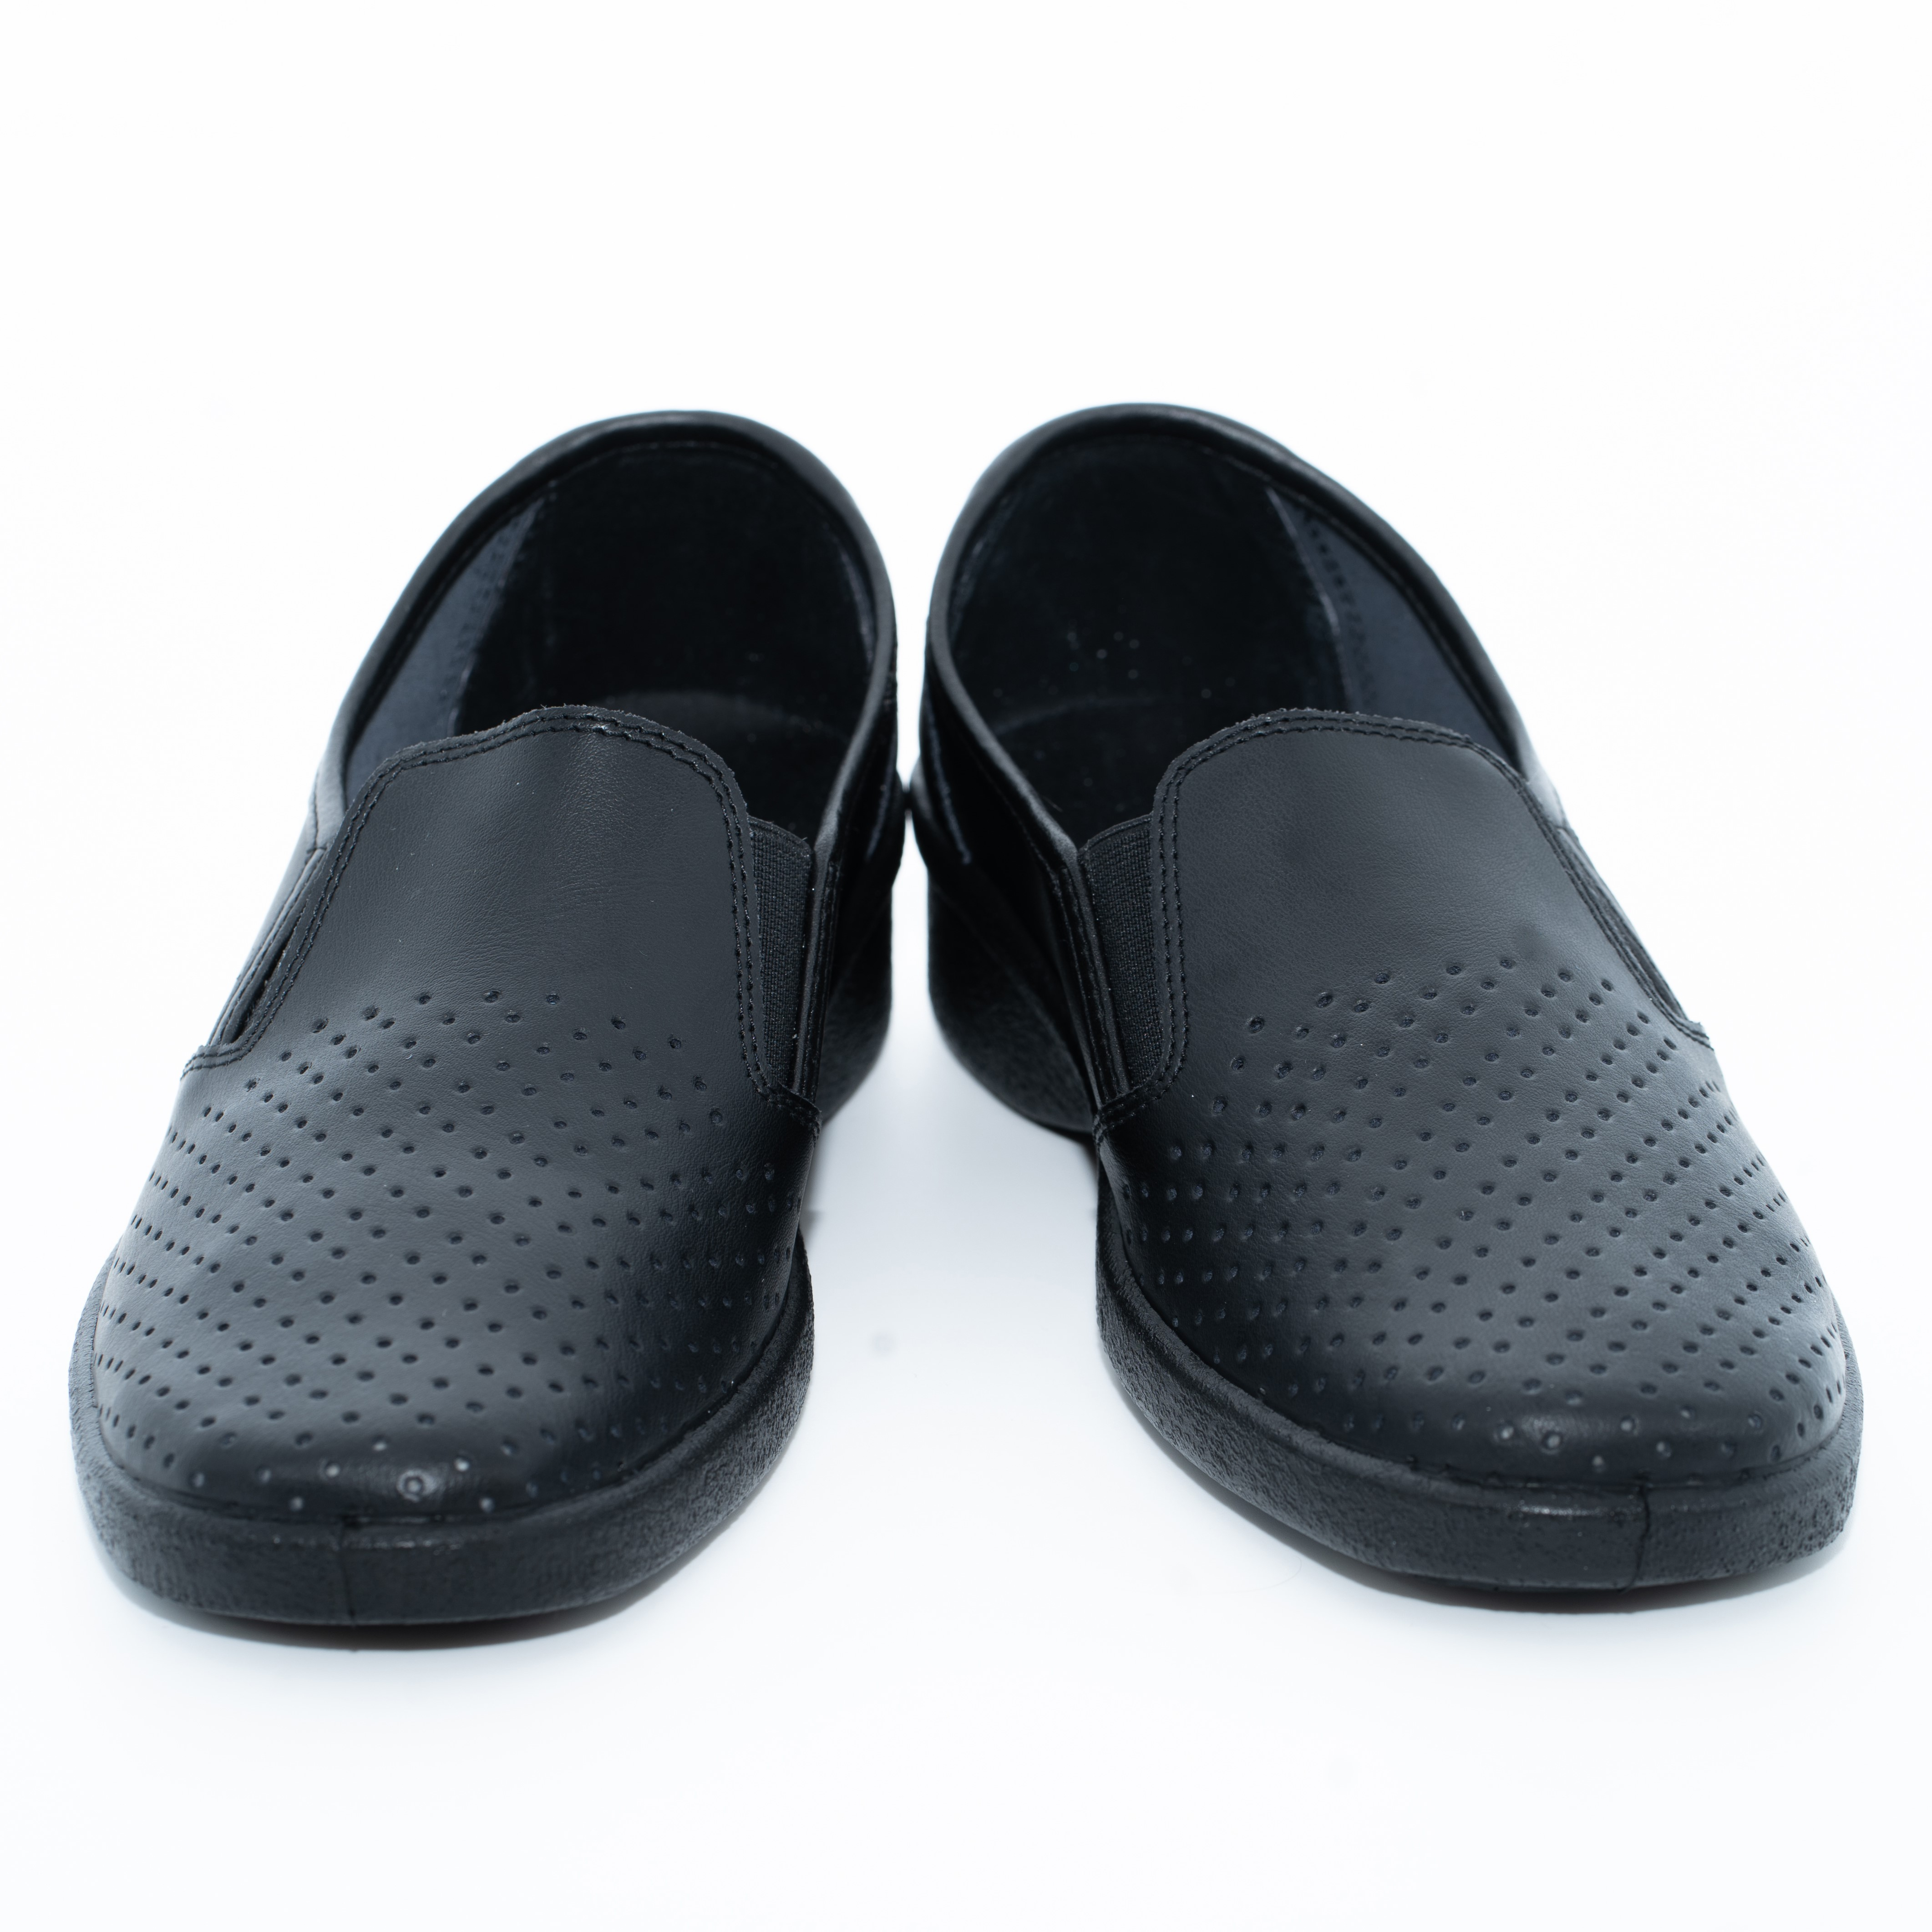 02-12 Обувь женская. Туфли повседневные из кожи на подошве ПУ (черные)